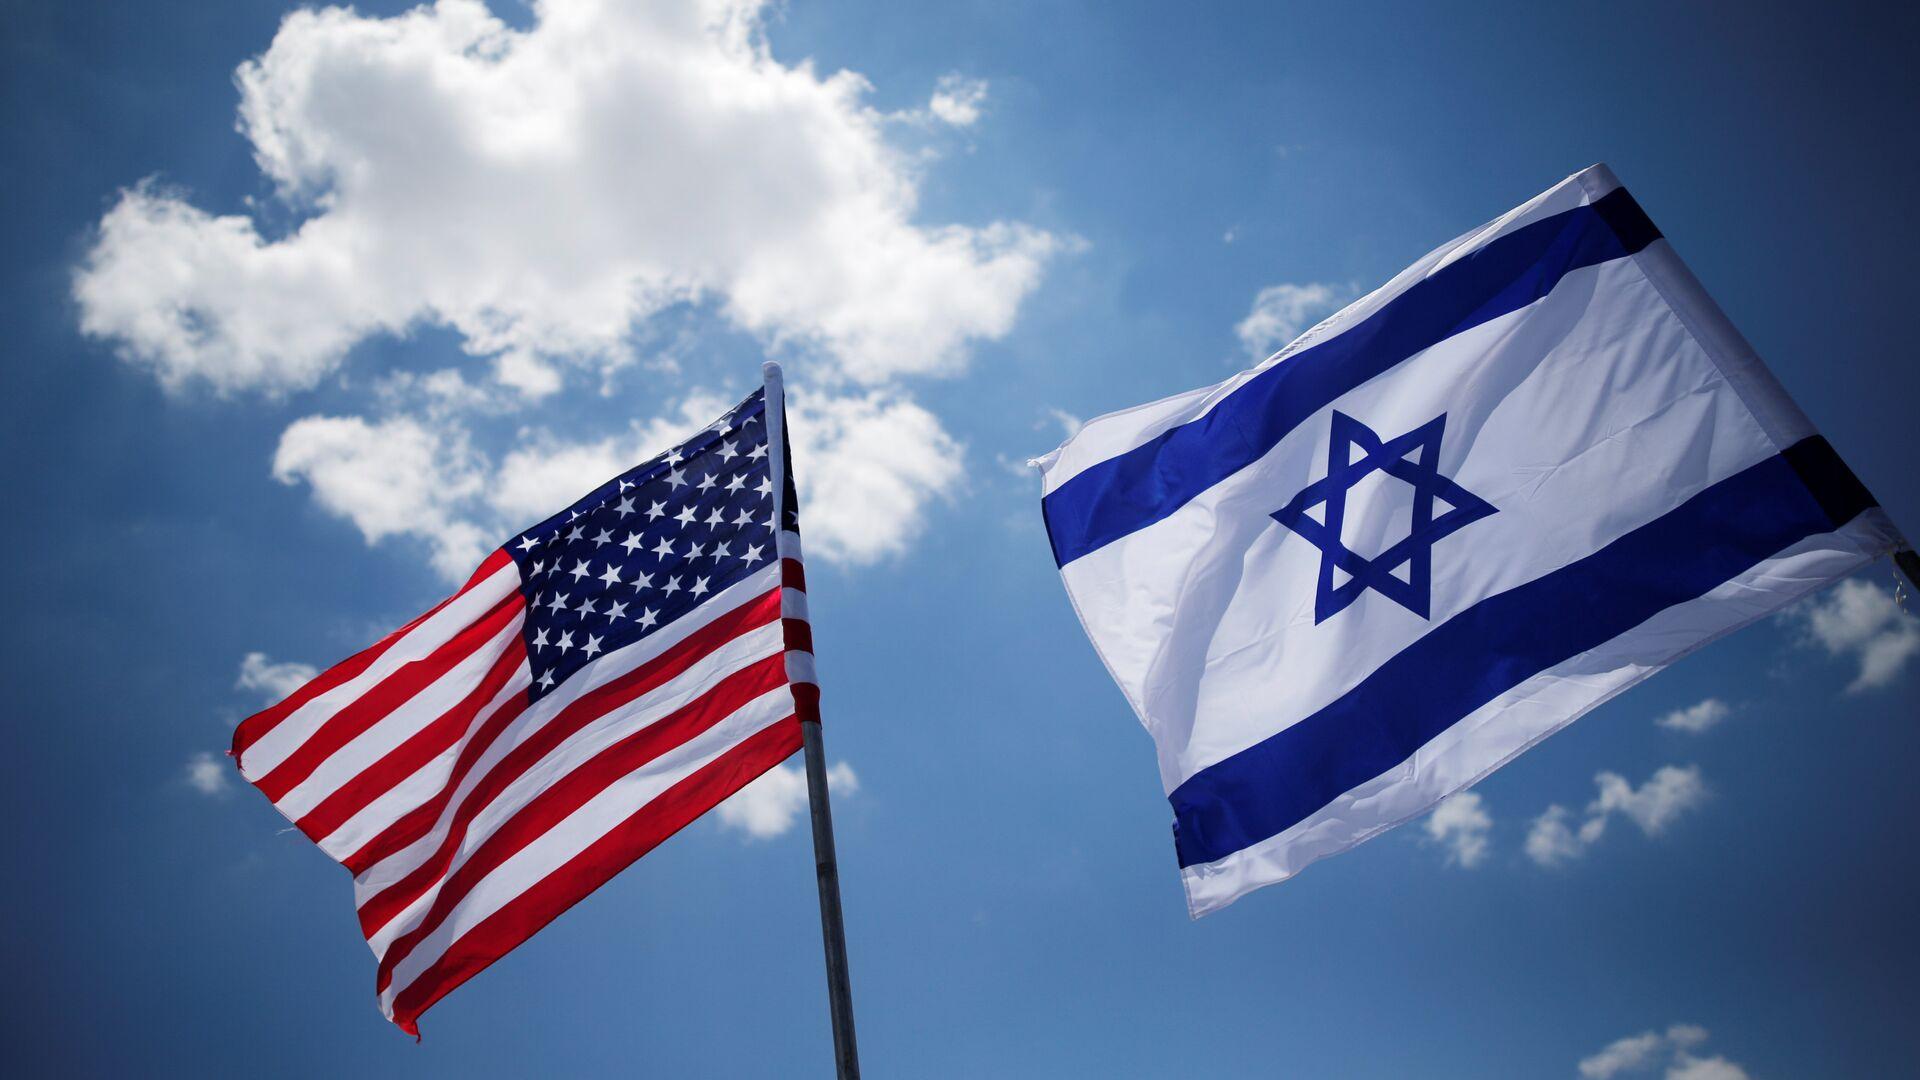 Banderas de EEUU y Israel - Sputnik Mundo, 1920, 18.02.2021